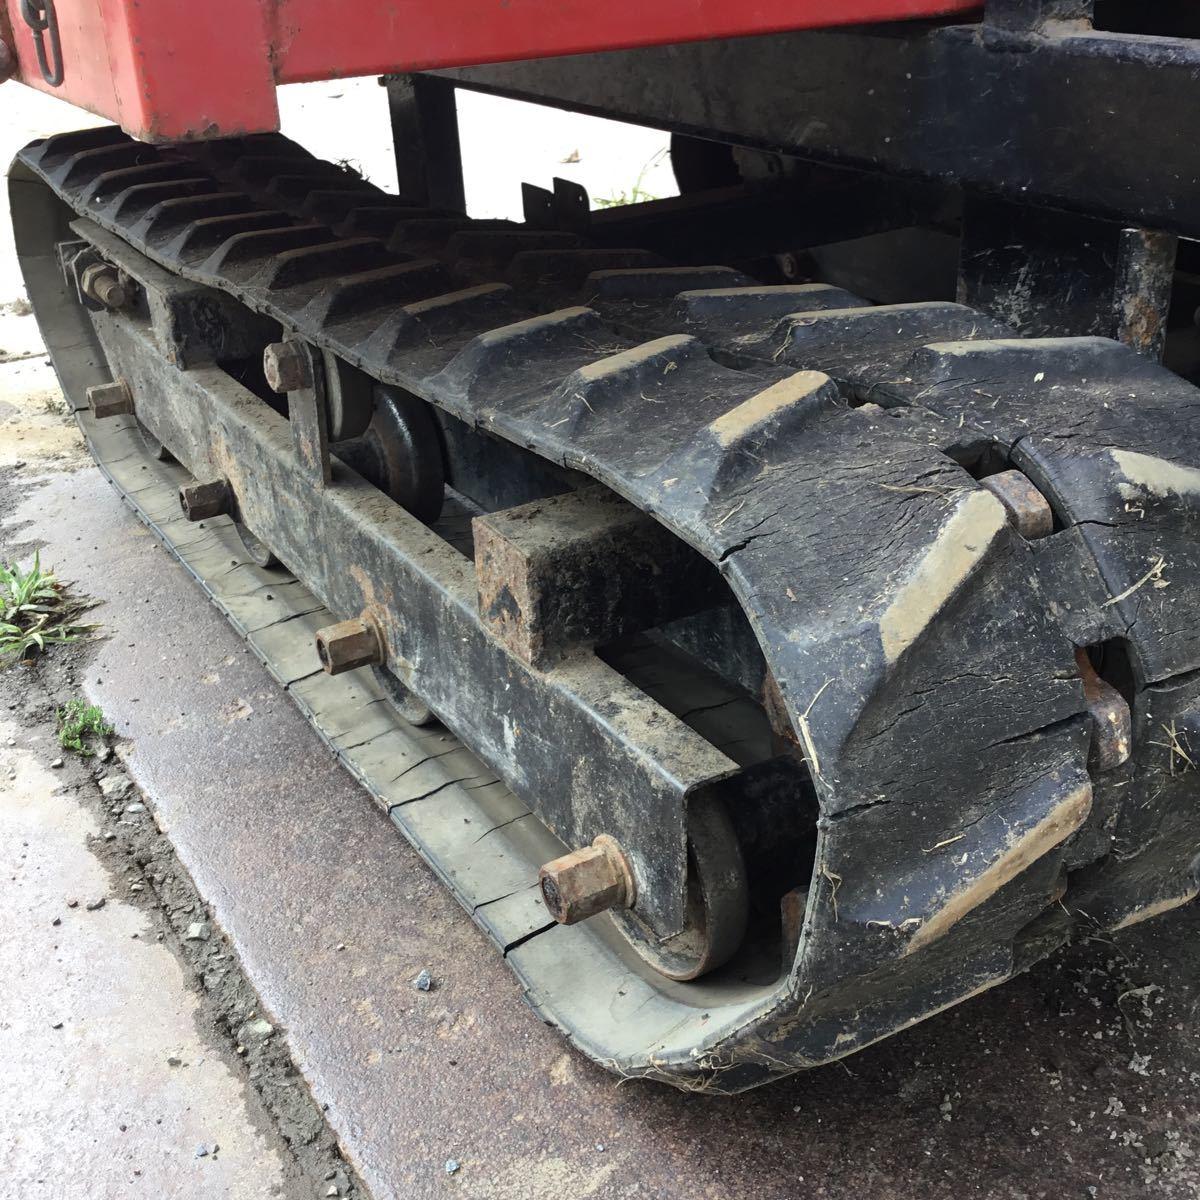 サンワ車輌 ミニクロ M1000 運搬車 最大積載量400キロ クボタガソリンエンジン 動作確認済み クローラ難有り 格安_画像6